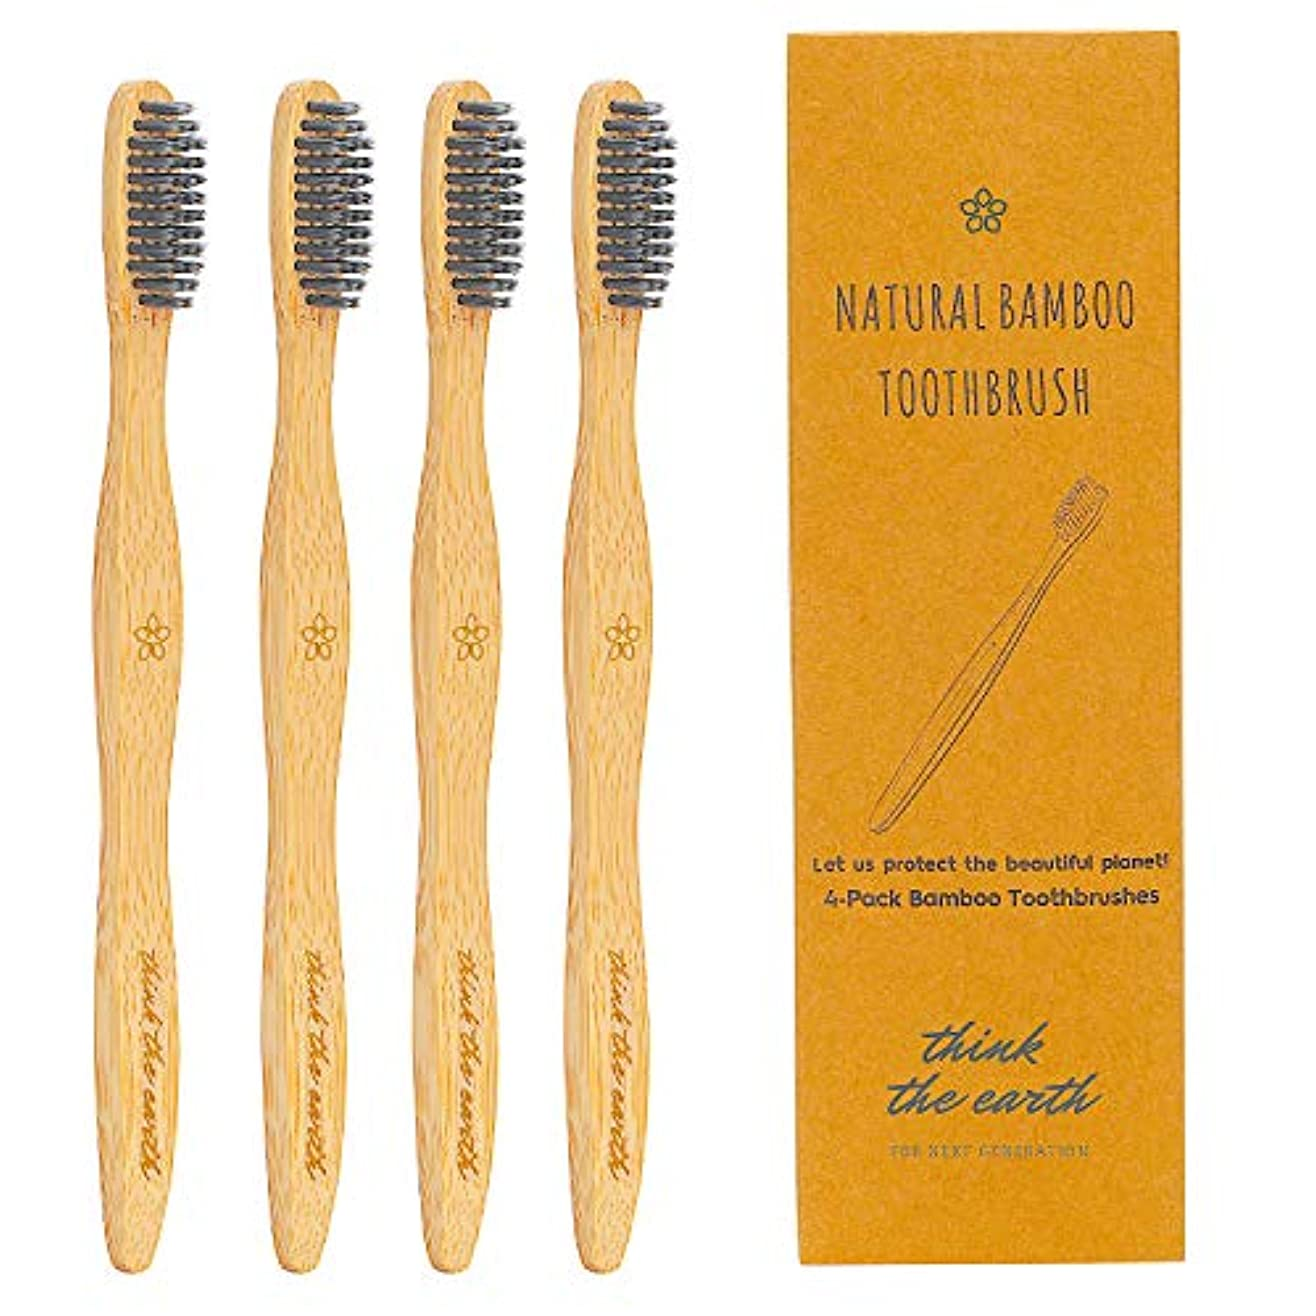 説明的通信するレザー竹の歯ブラシ やわらかめ 活性炭入り 極繊細毛 4本セット 100%生分解性  プラスチックフリー